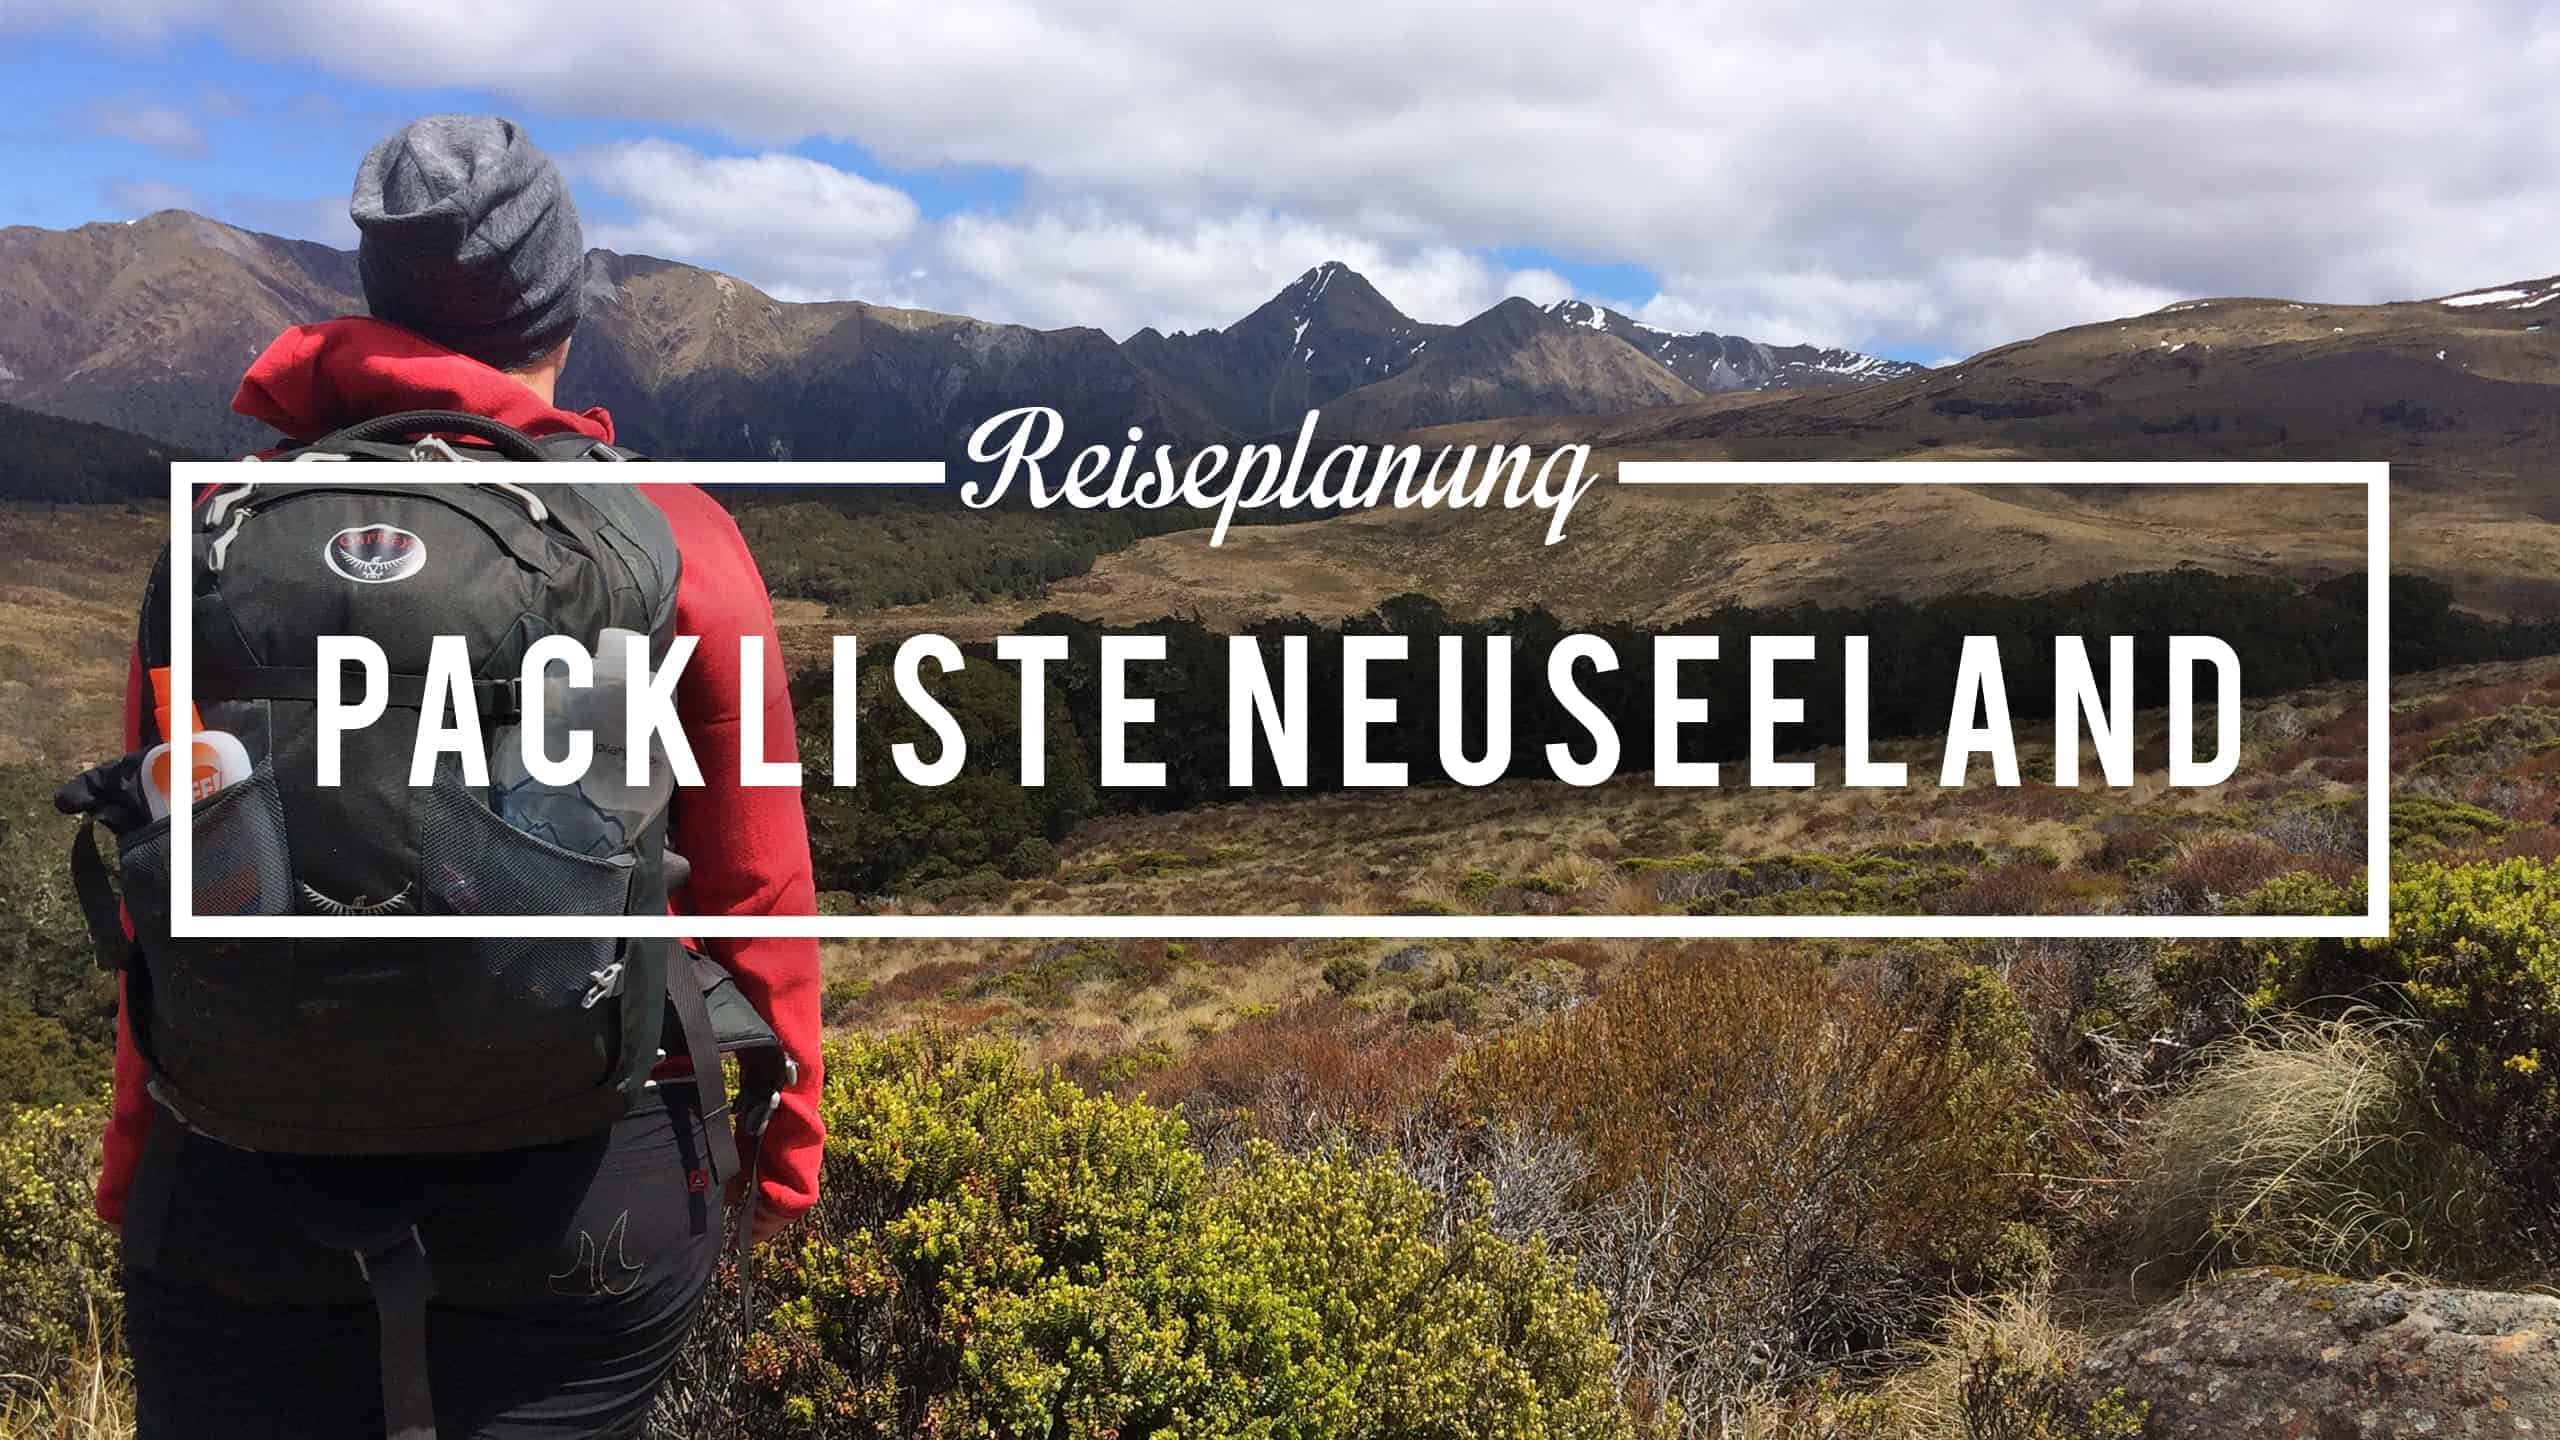 Packliste für Neuseeland-Reise